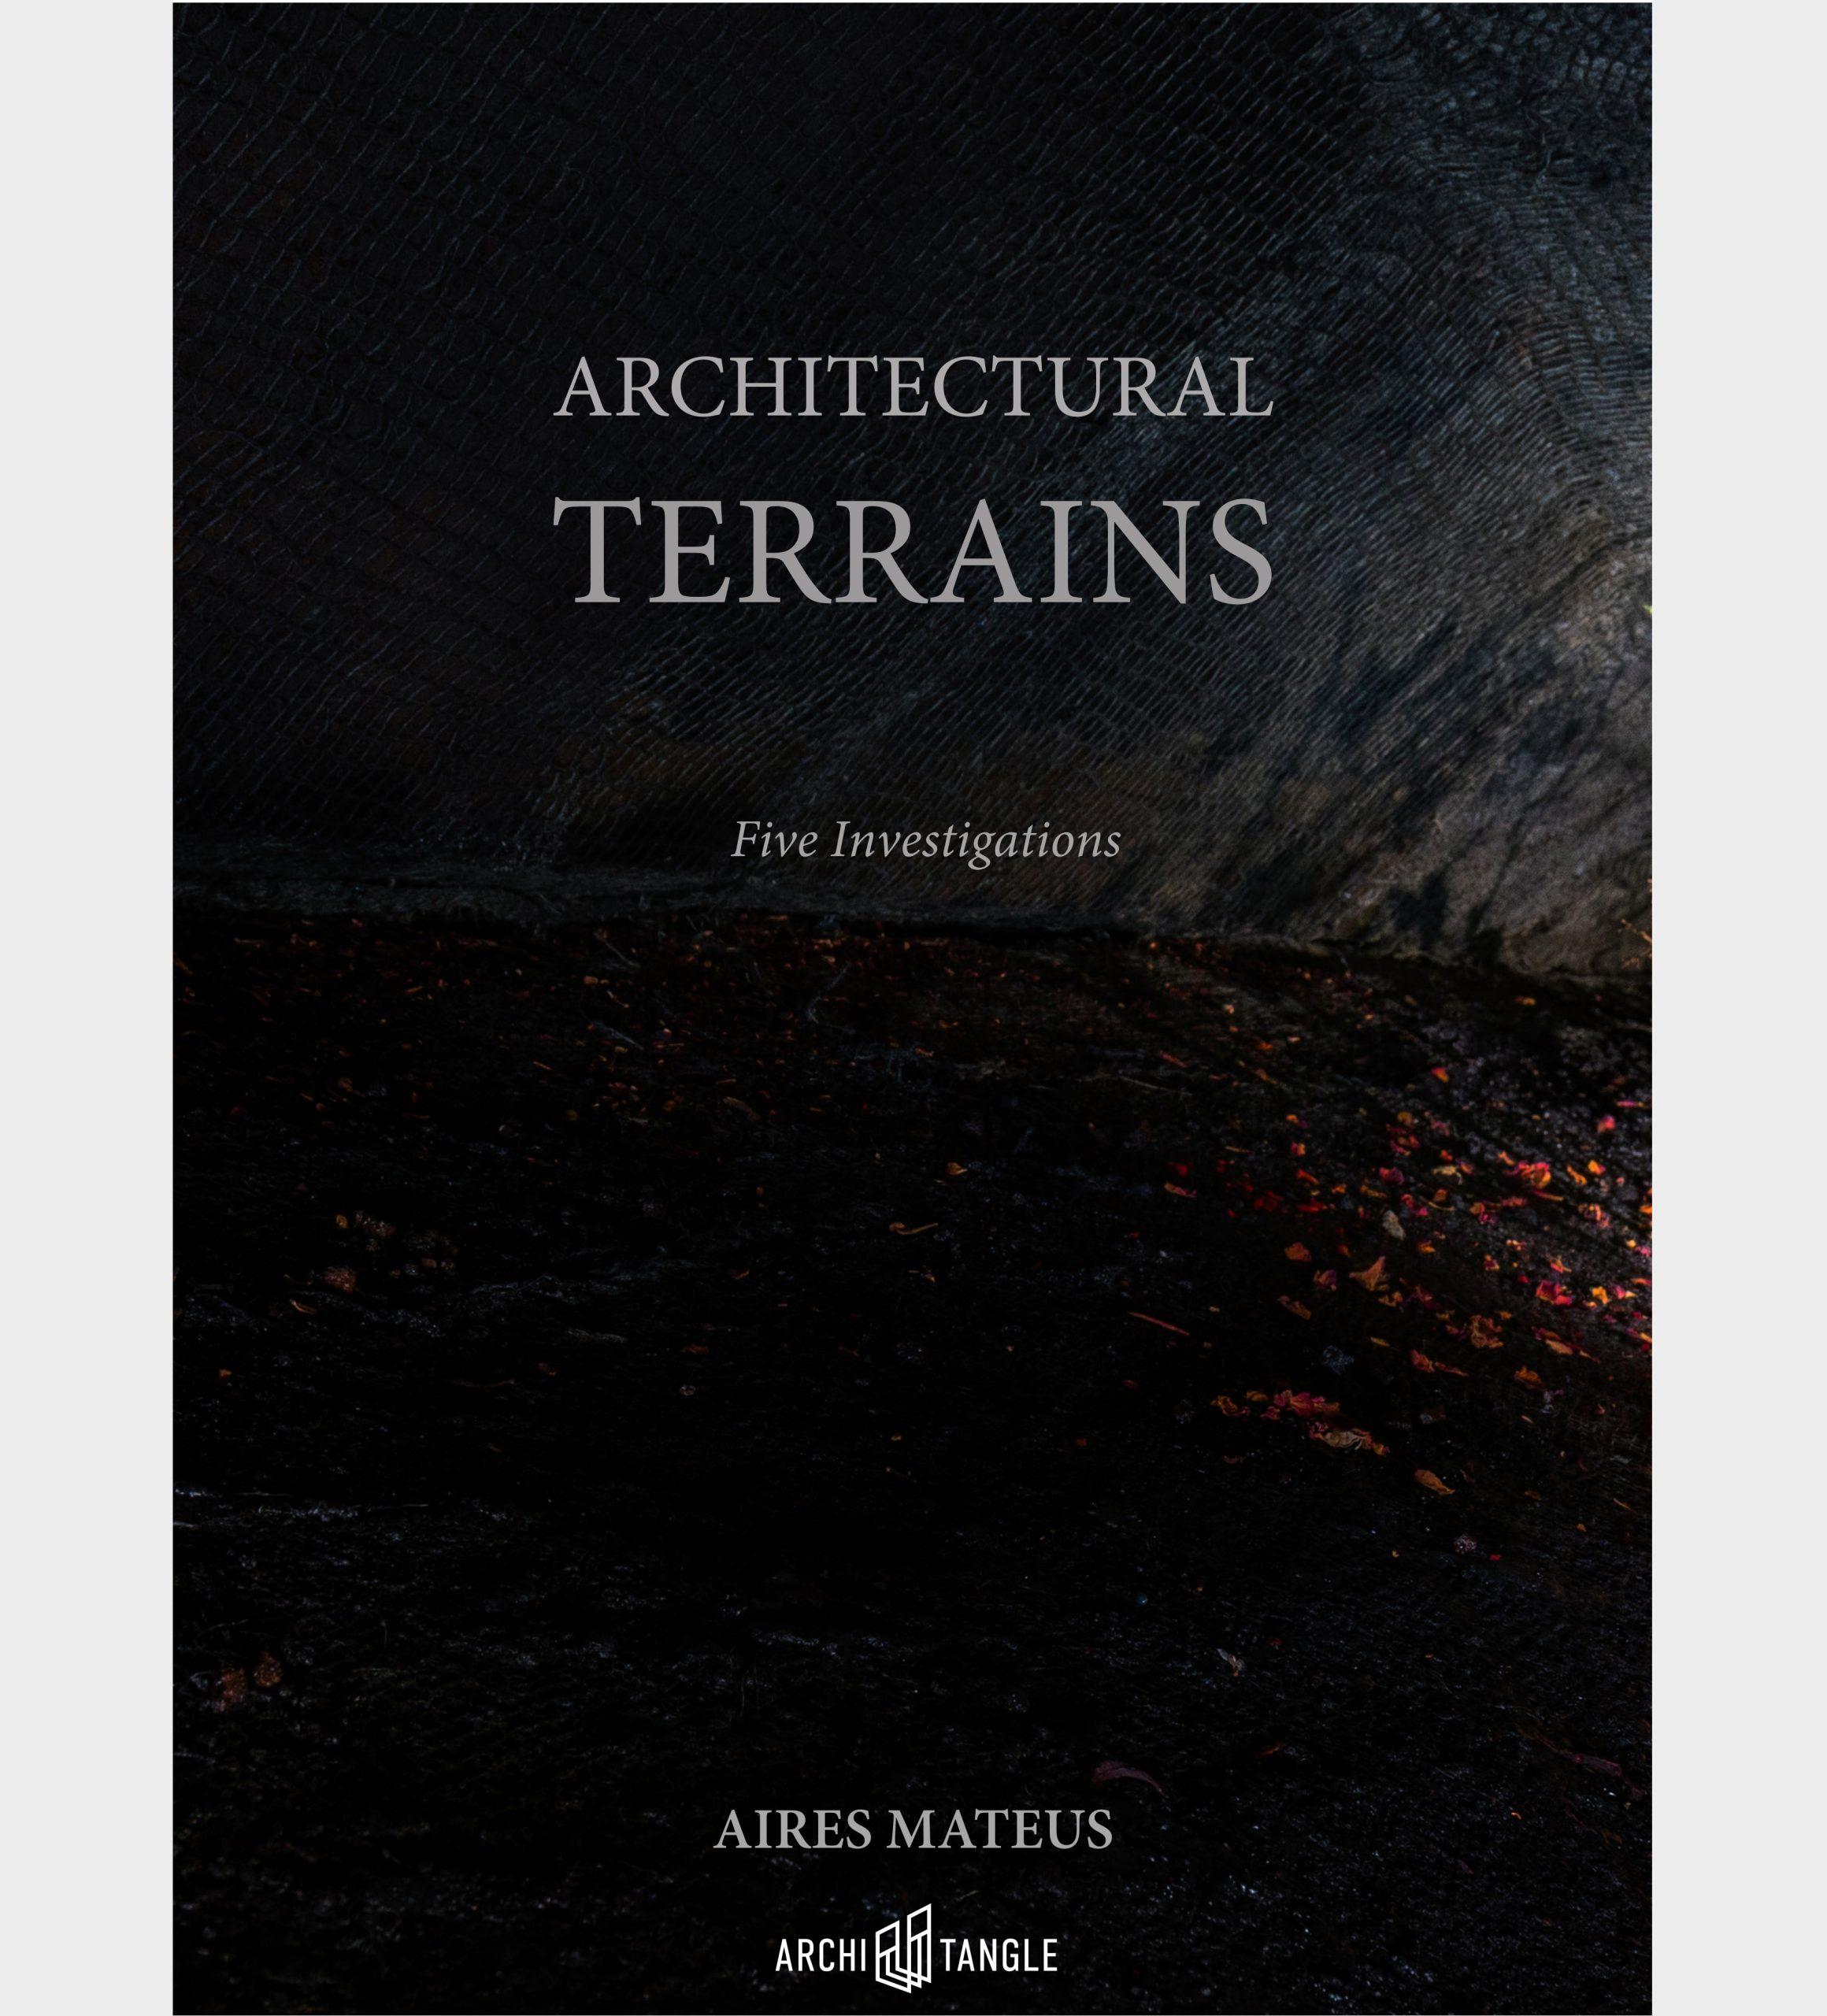 AIRES MATEUS ARCHITECTURAL TERRAINS – Five Investigations